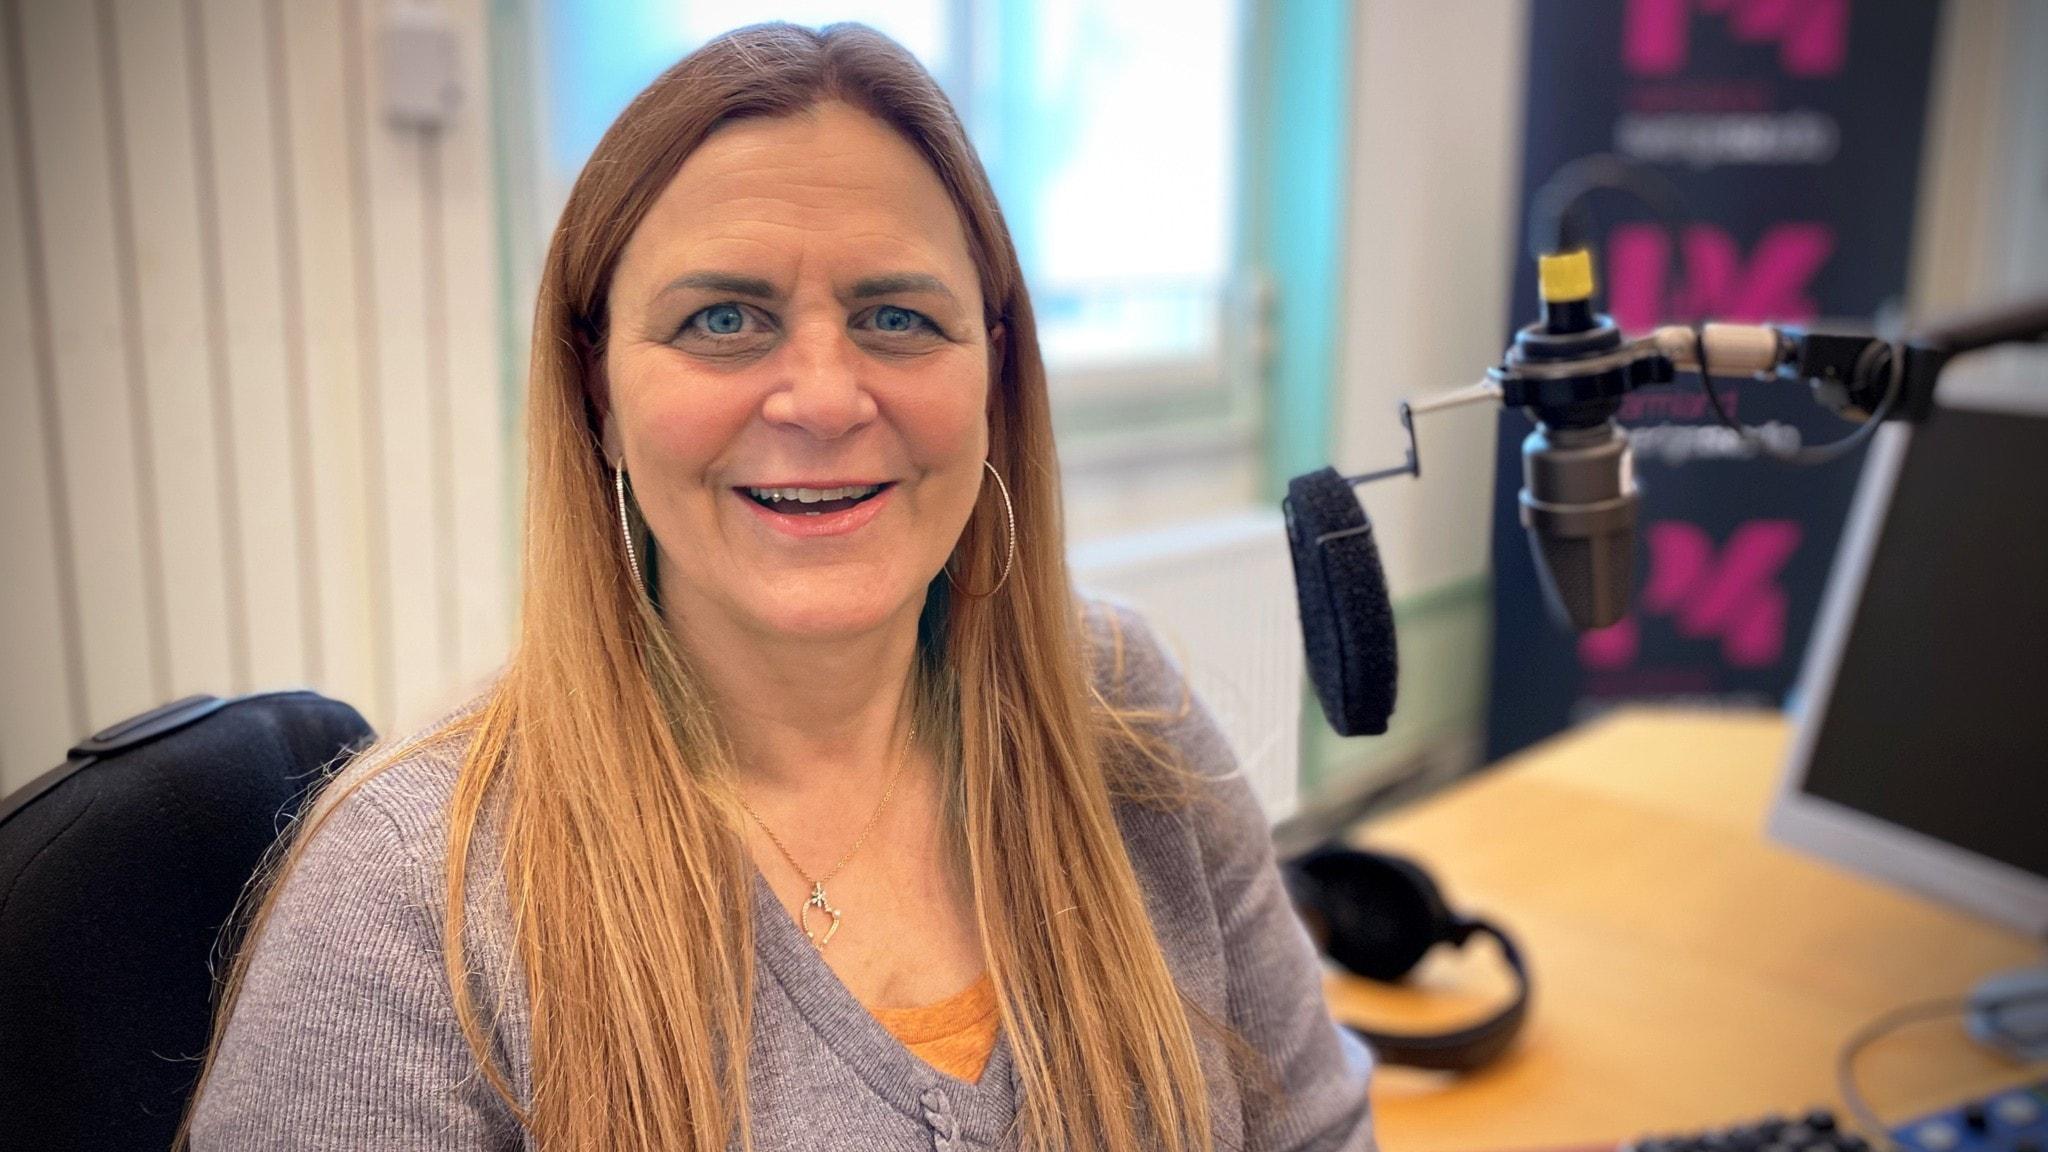 """Tina Thörner: """"Det gäller att leva oavsett vad som kommer i ens väg"""" - spela"""